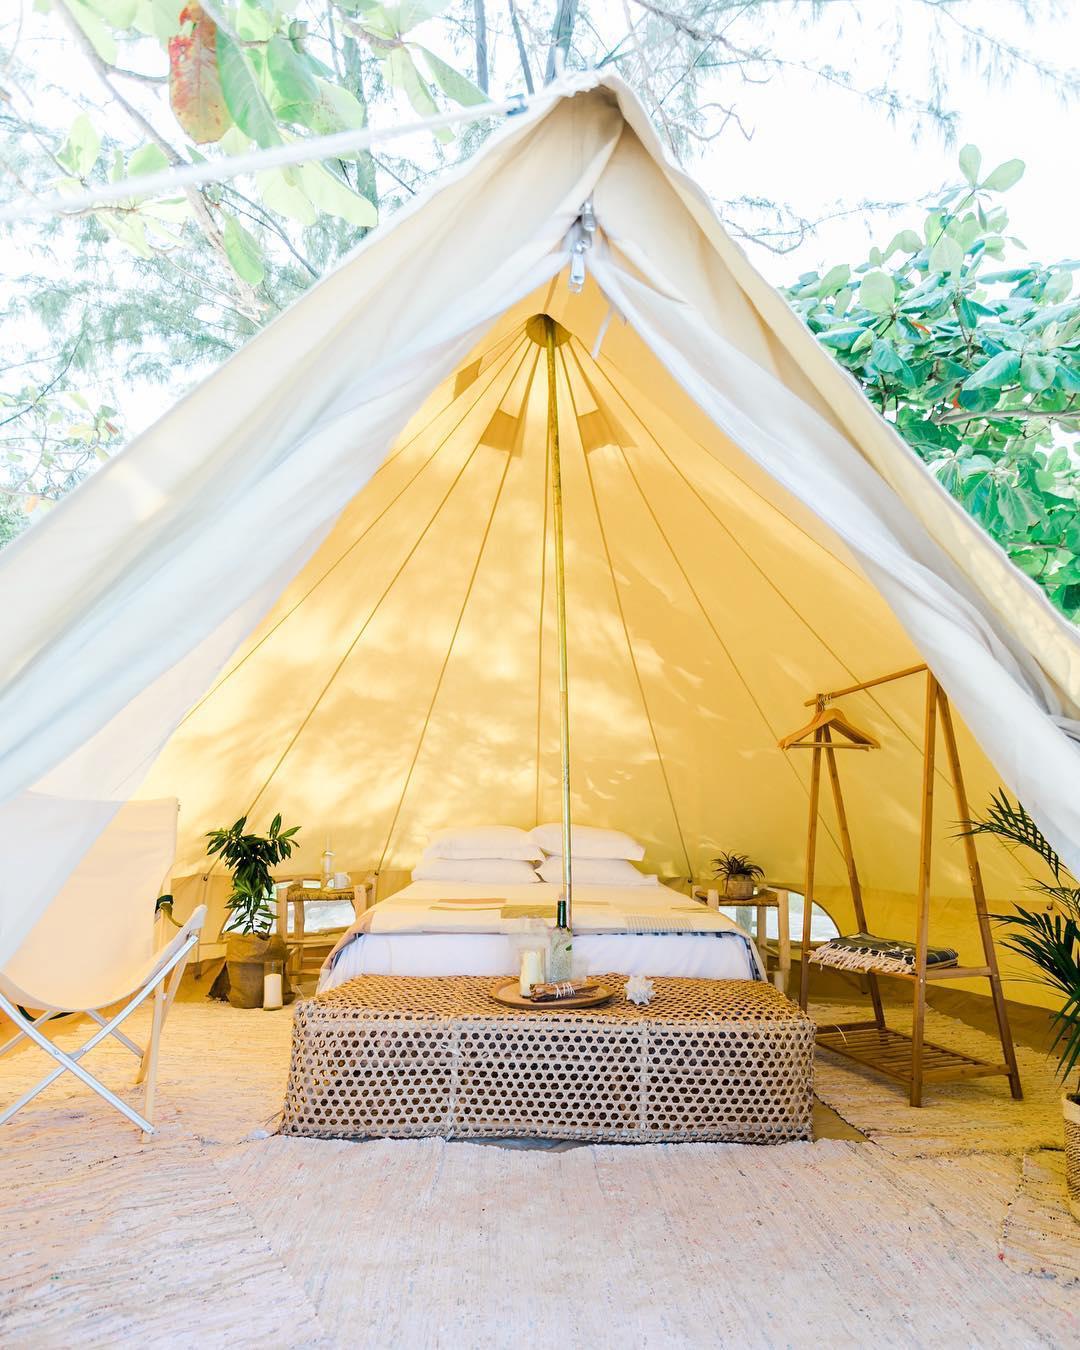 浪漫的野外露营 帐篷酒店亲属